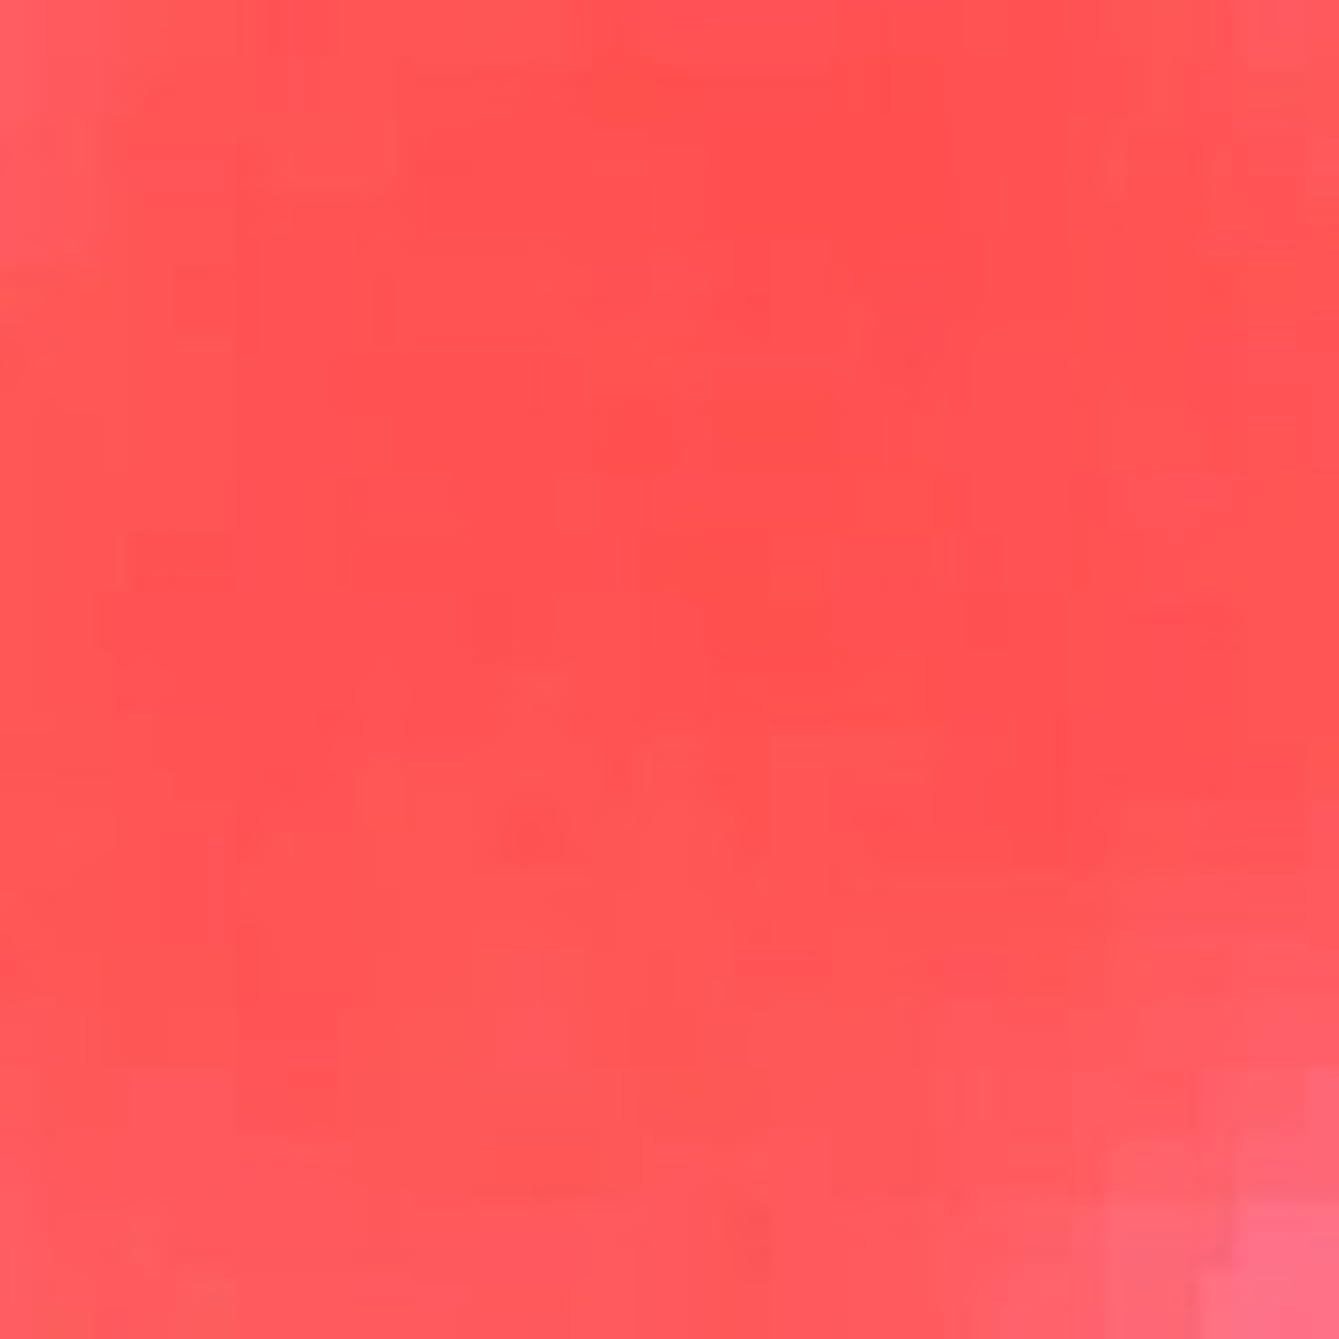 吐く絶え間ないダーリンターナー色彩 ポスターカラー11ml #205 PC11 ケイコウレッド